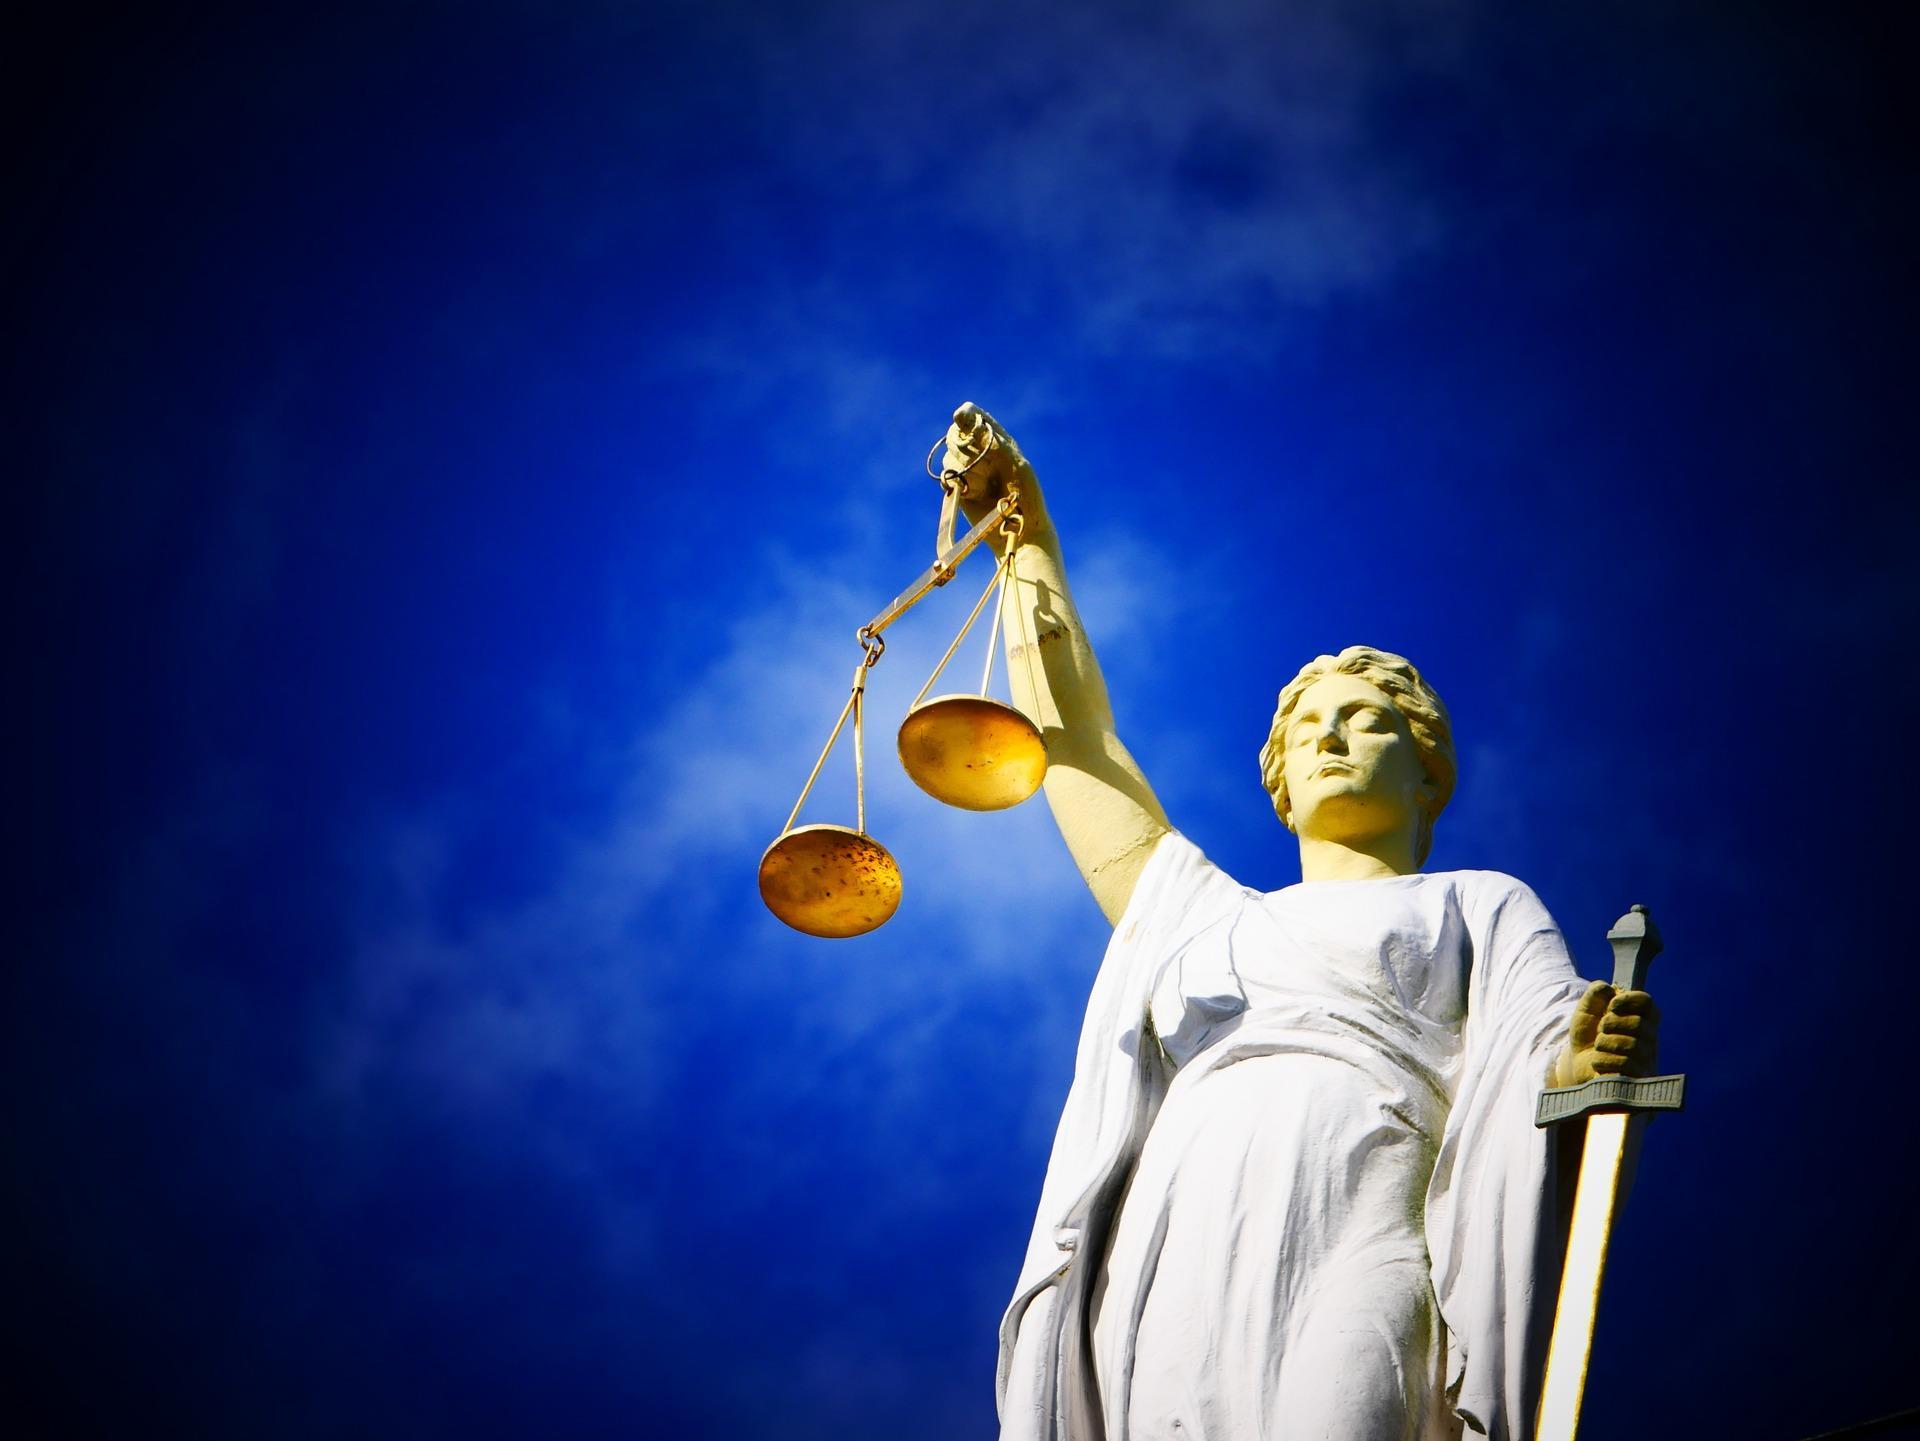 Waddinxvener die keel van zijn Leidse ex-vriendin dichtkneep veroordeeld voor zware mishandeling